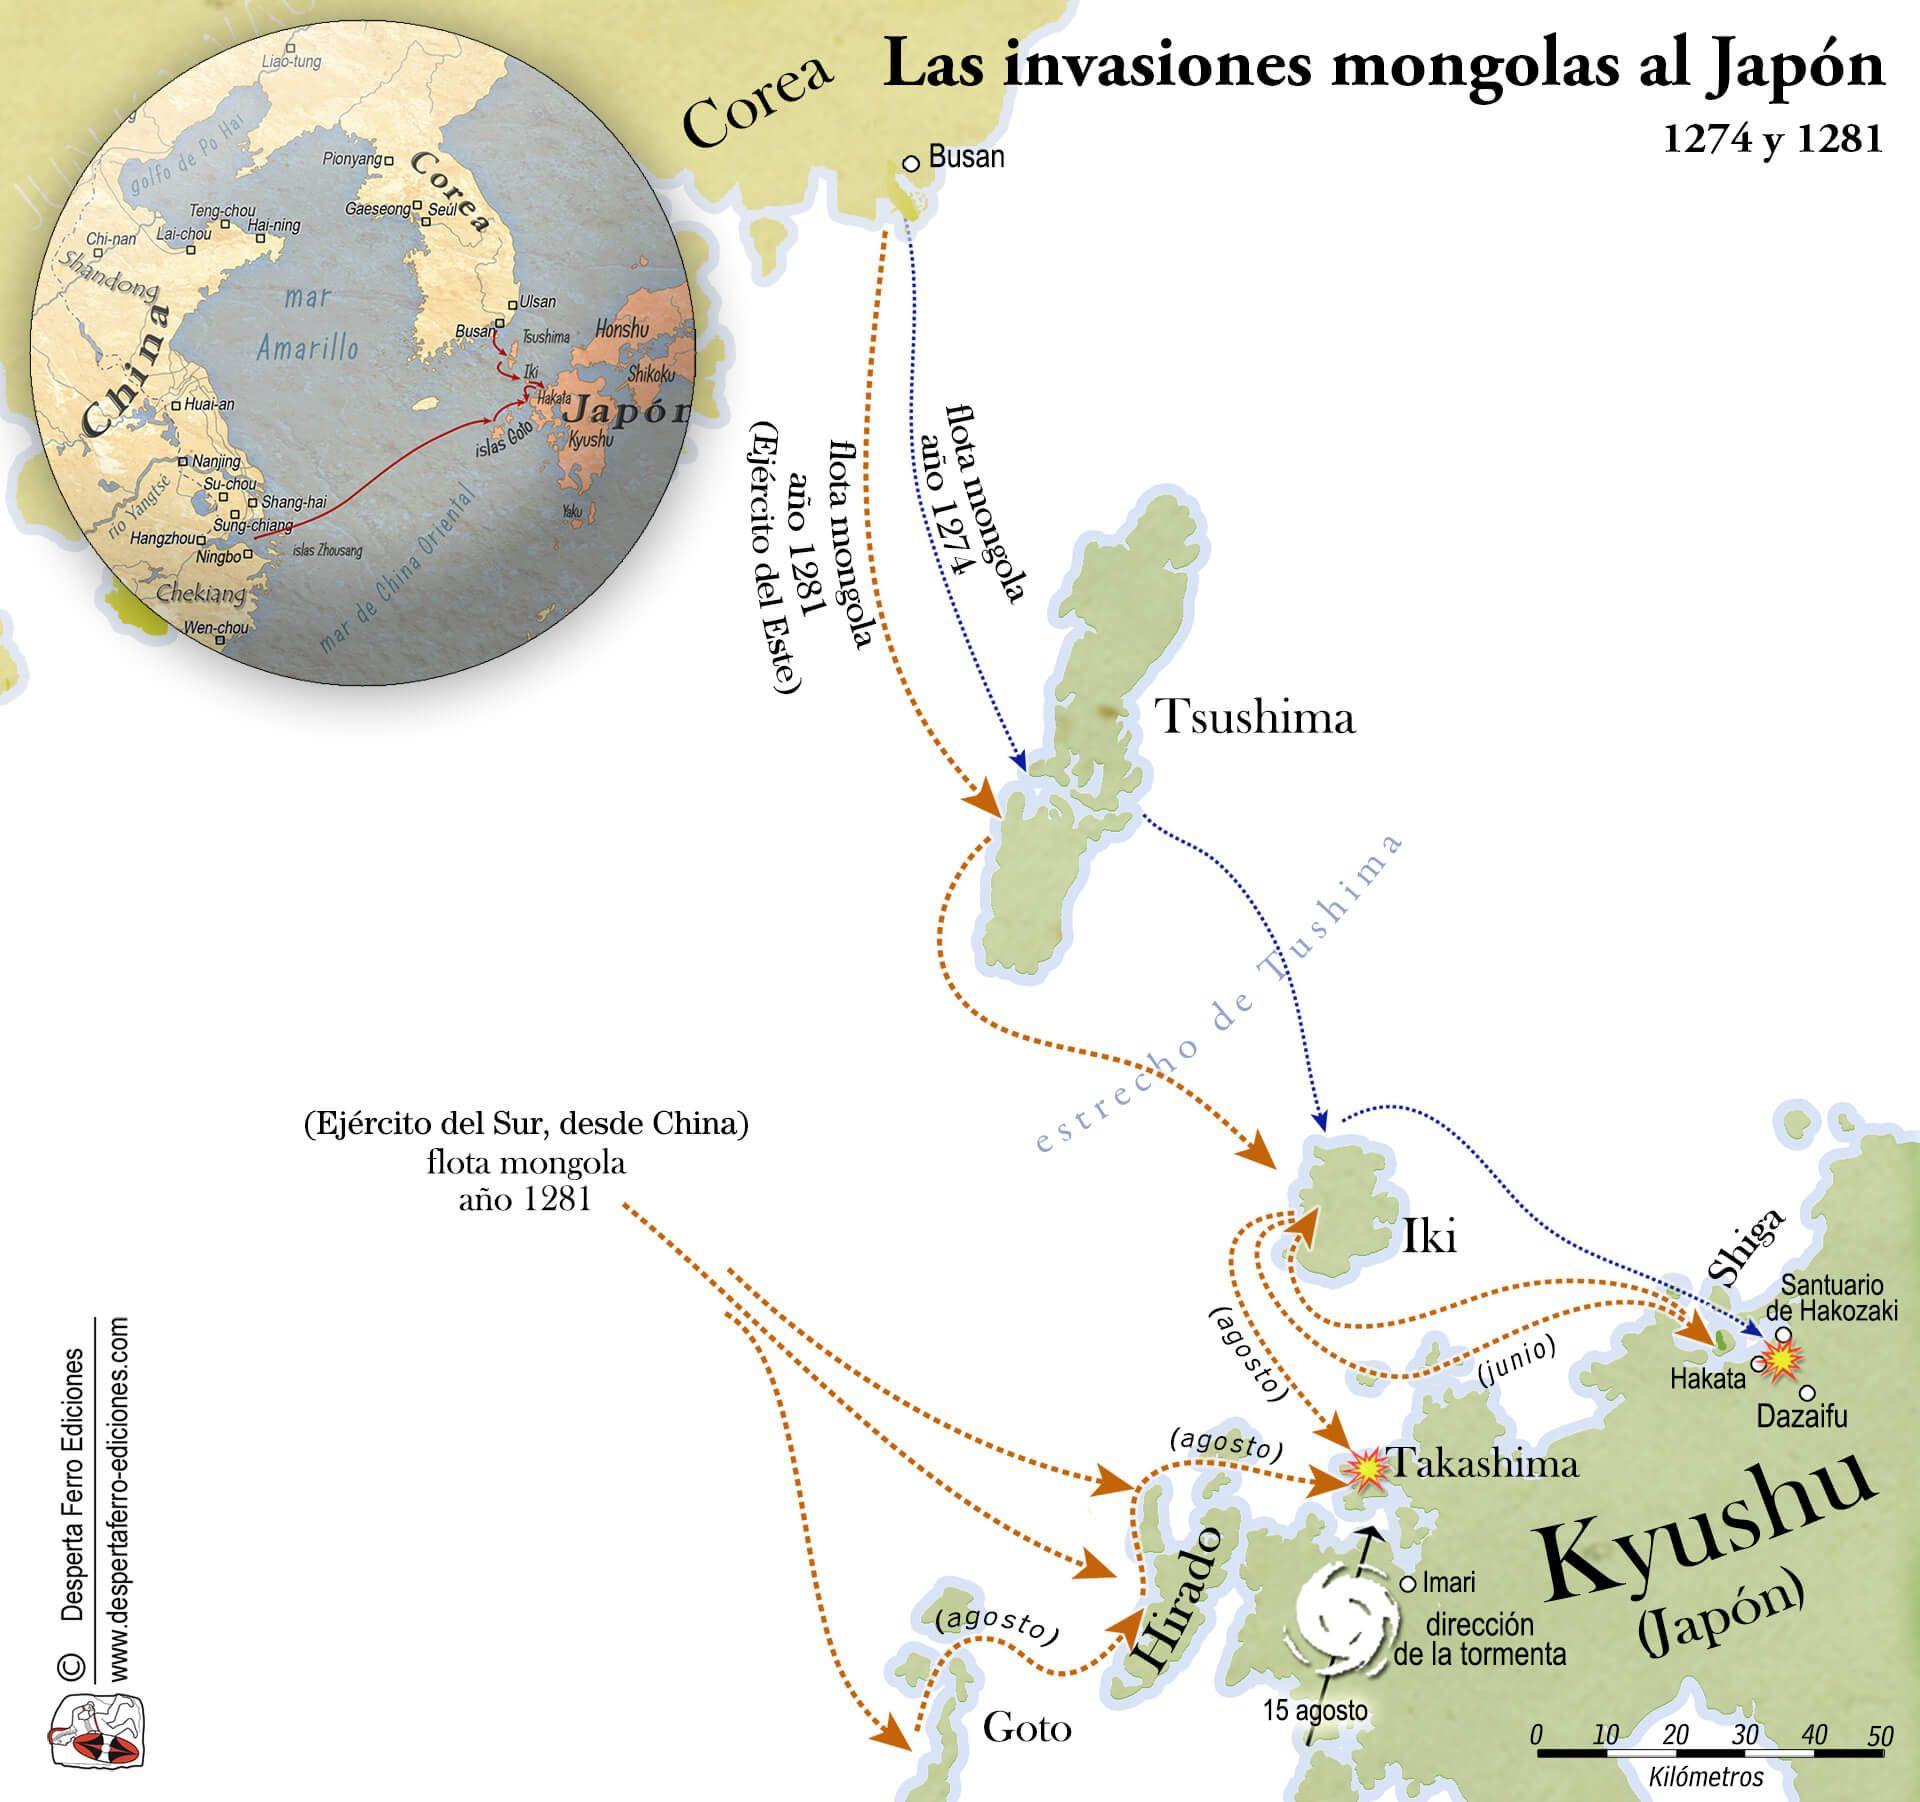 Mapa de las invasiones mongolas de Japón